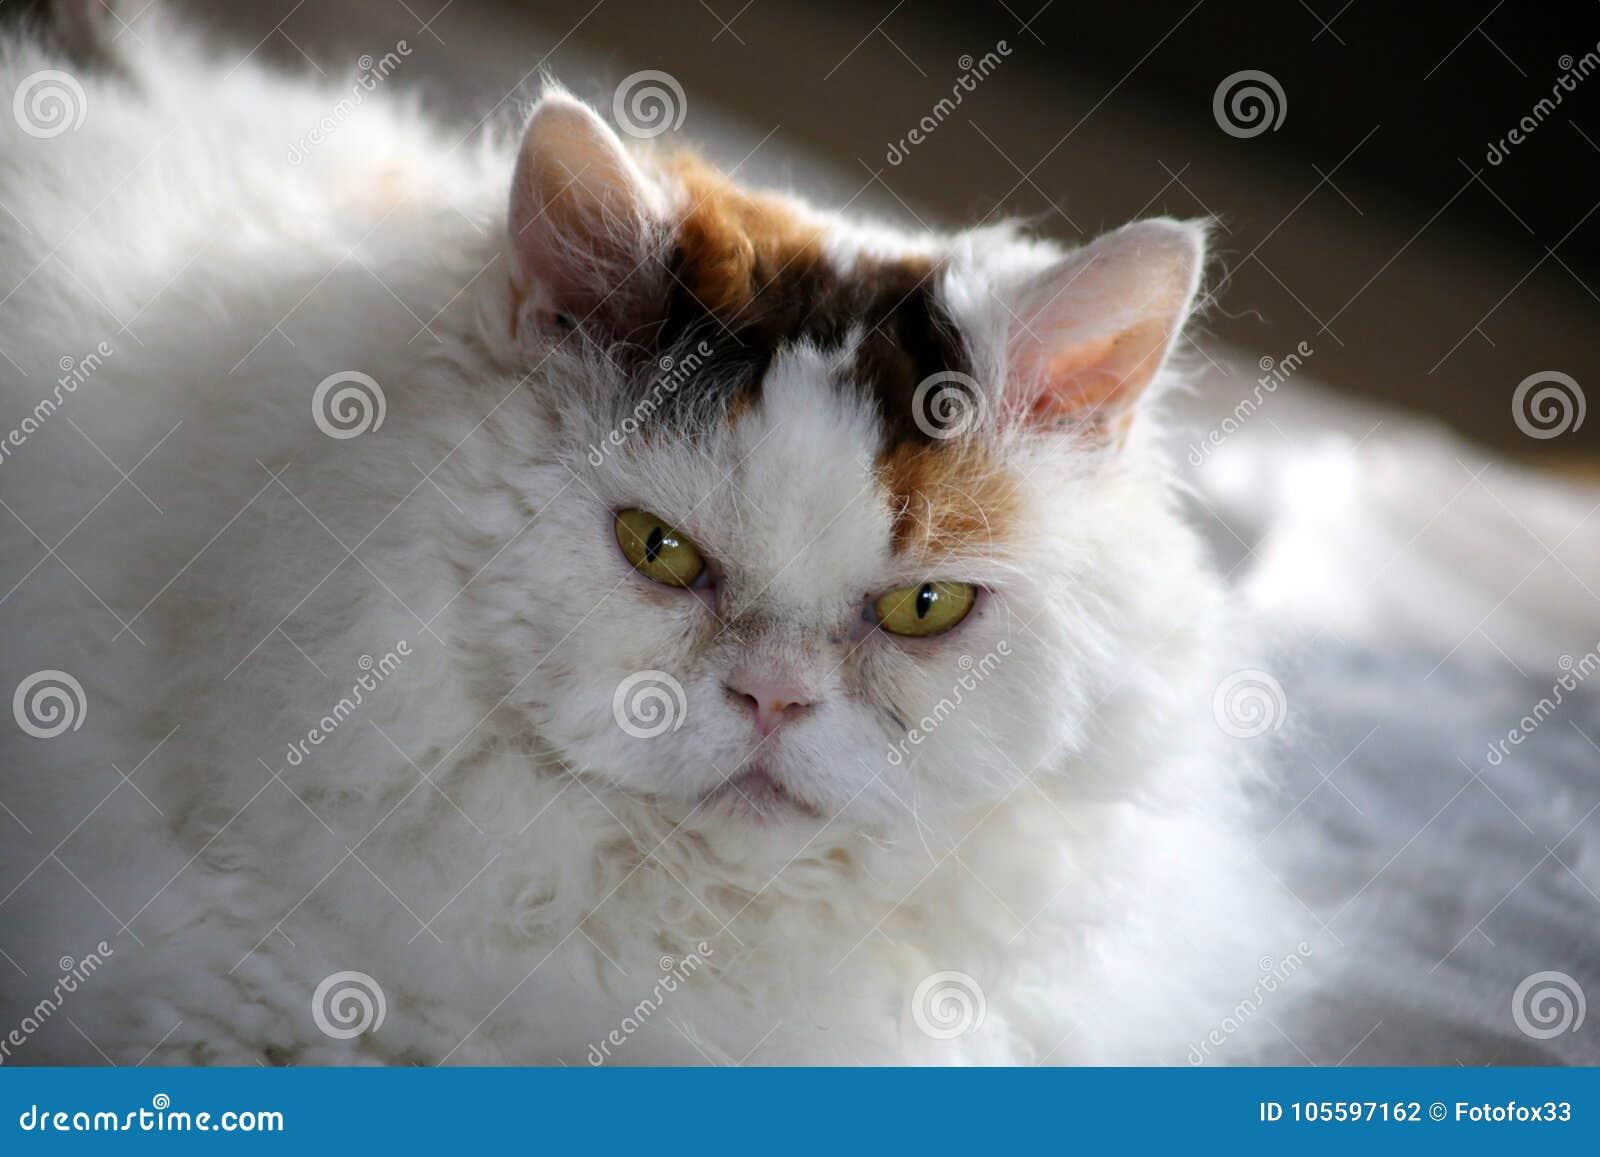 Sweet Selkirk Rex Cat Lying On Blanket Looking At Camera